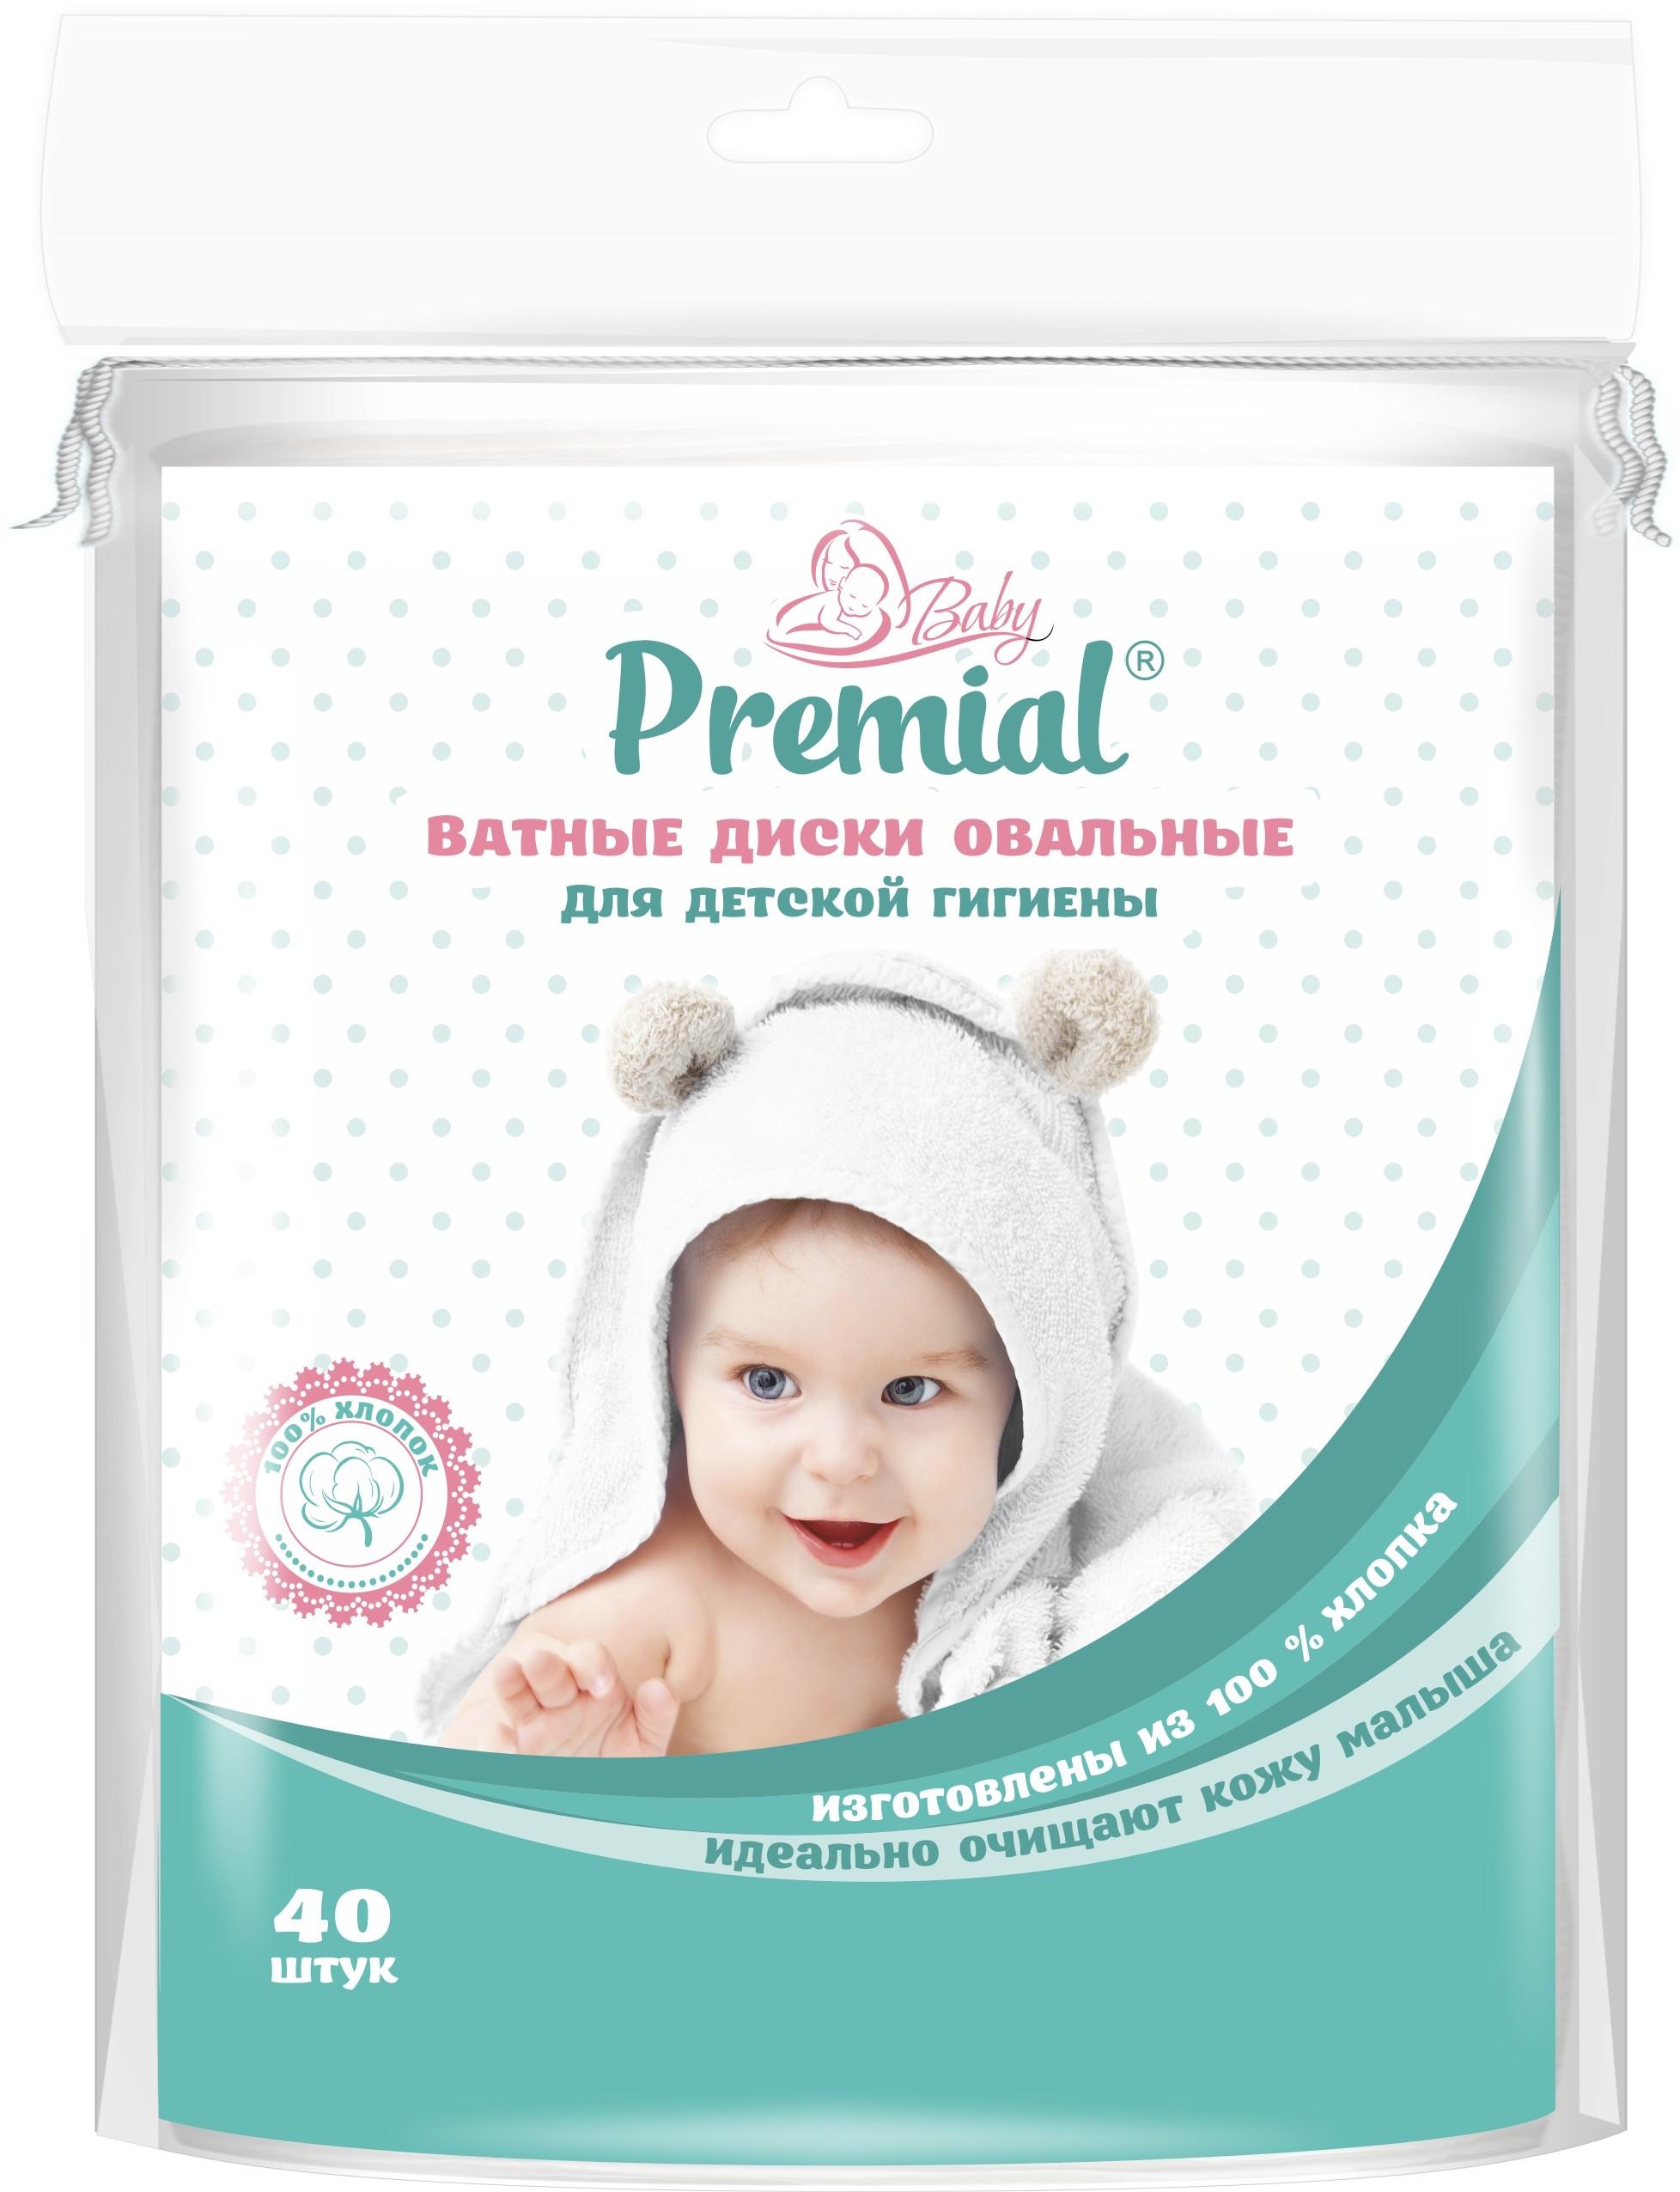 Ватные диски Premial для детей 40 шт.